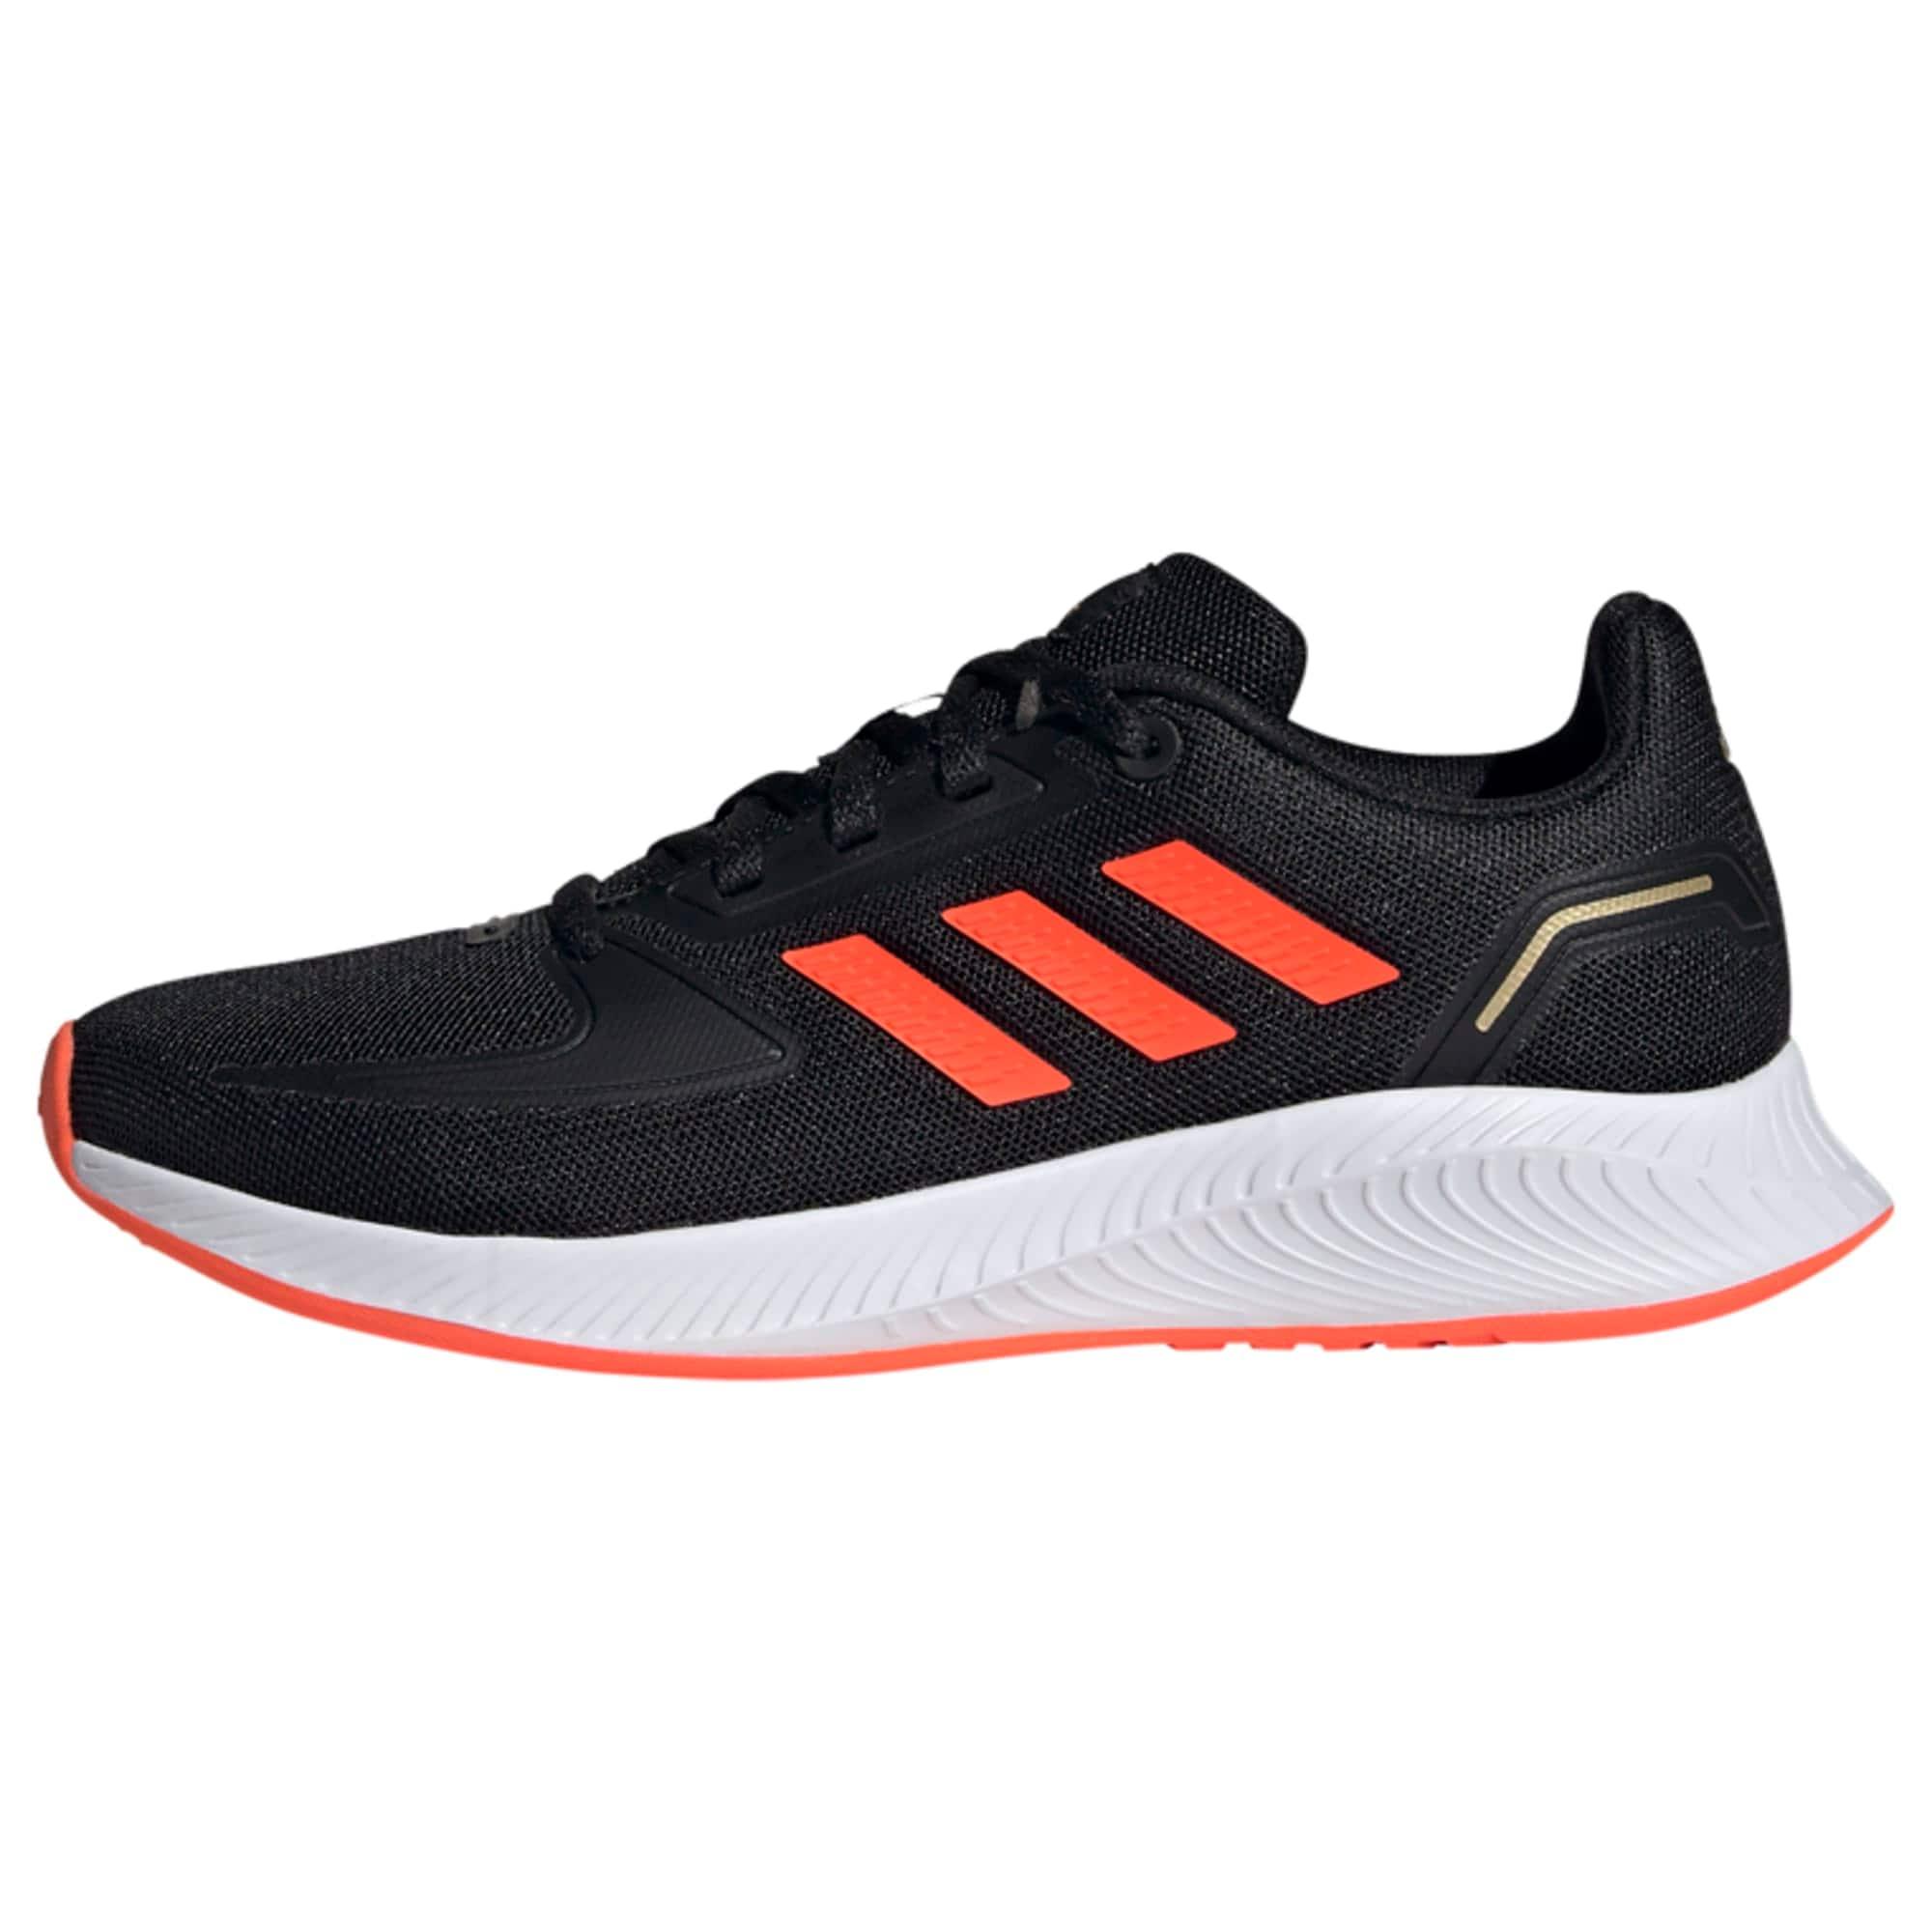 ADIDAS PERFORMANCE Sportiniai batai 'Runfalcon 2.0' juoda / lašišų spalva